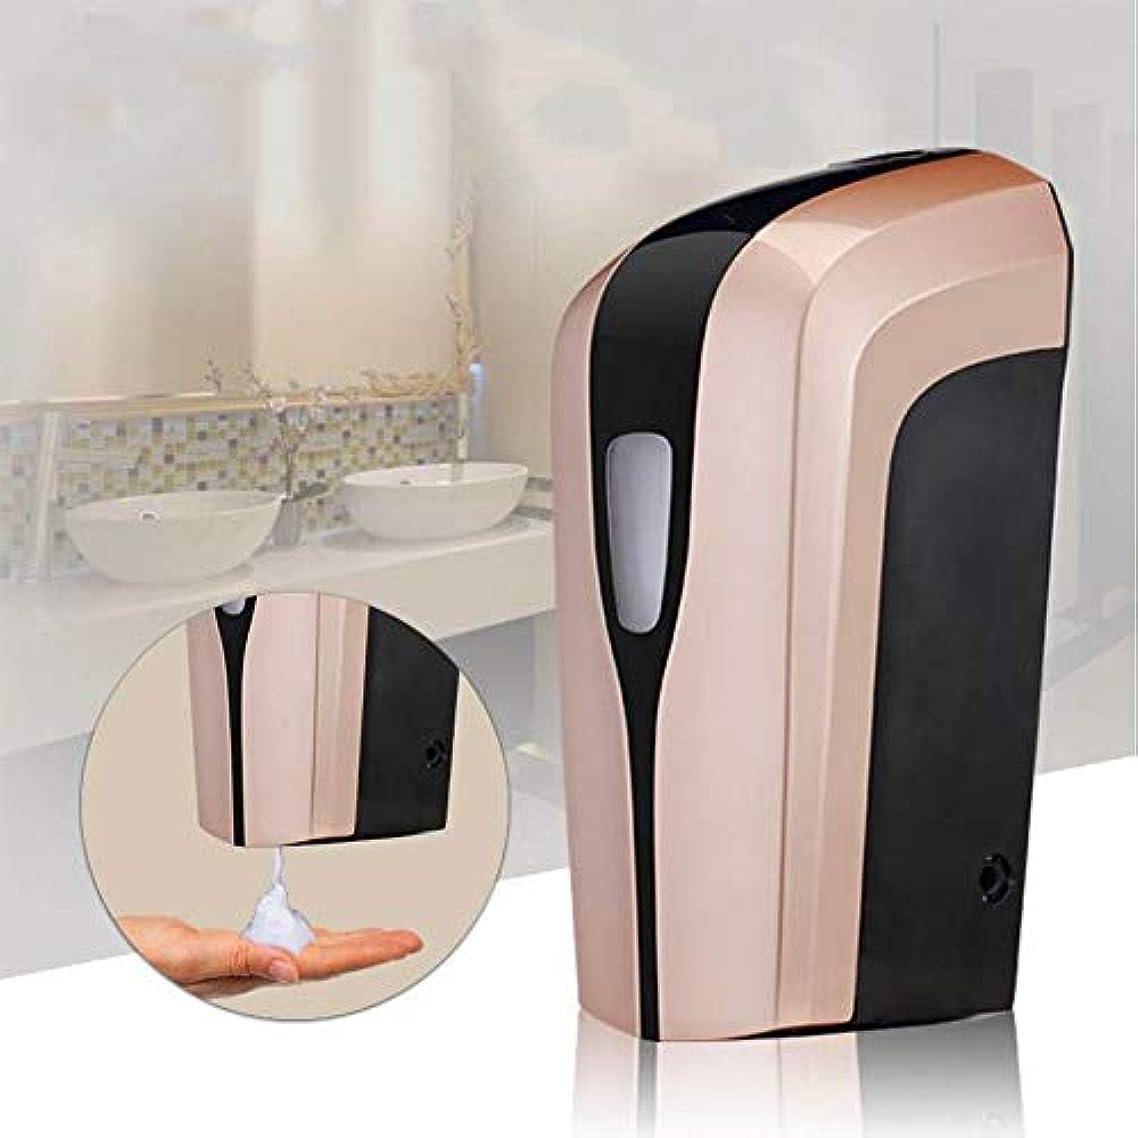 レンズ引用将来のソープディスペンサー 400ミリリットル容量の自動ソープディスペンサー、タッチレスバッテリーは電動ハンドフリーソープディスペンサーを運営しました ハンドソープ 食器用洗剤 キッチン 洗面所などに適用 (Color : Local...